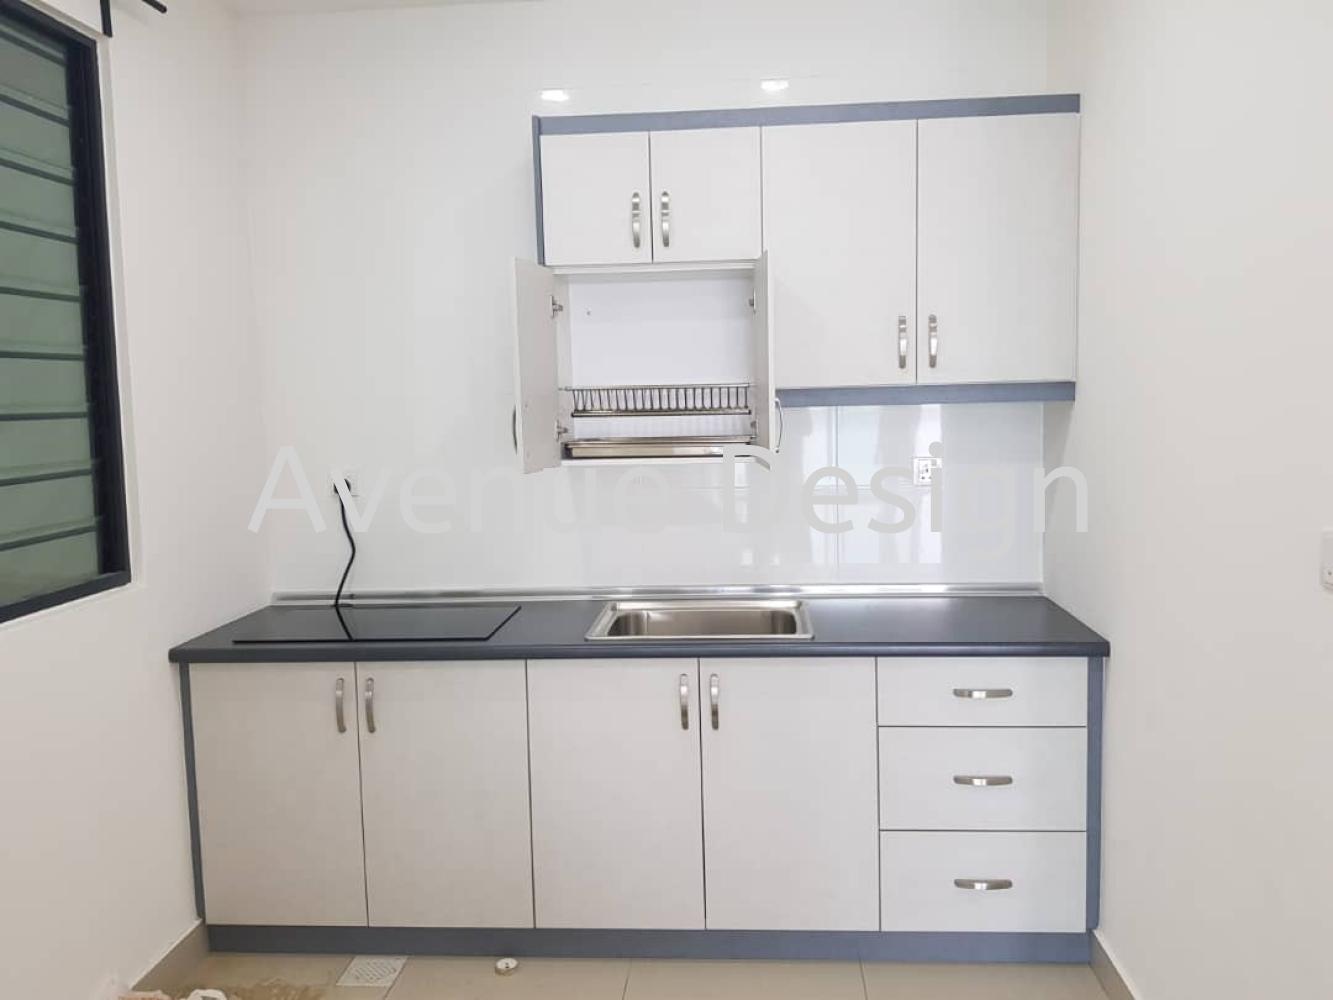 Sierra 16 Puchong Kitchen Cabinet Supplier Supply Design